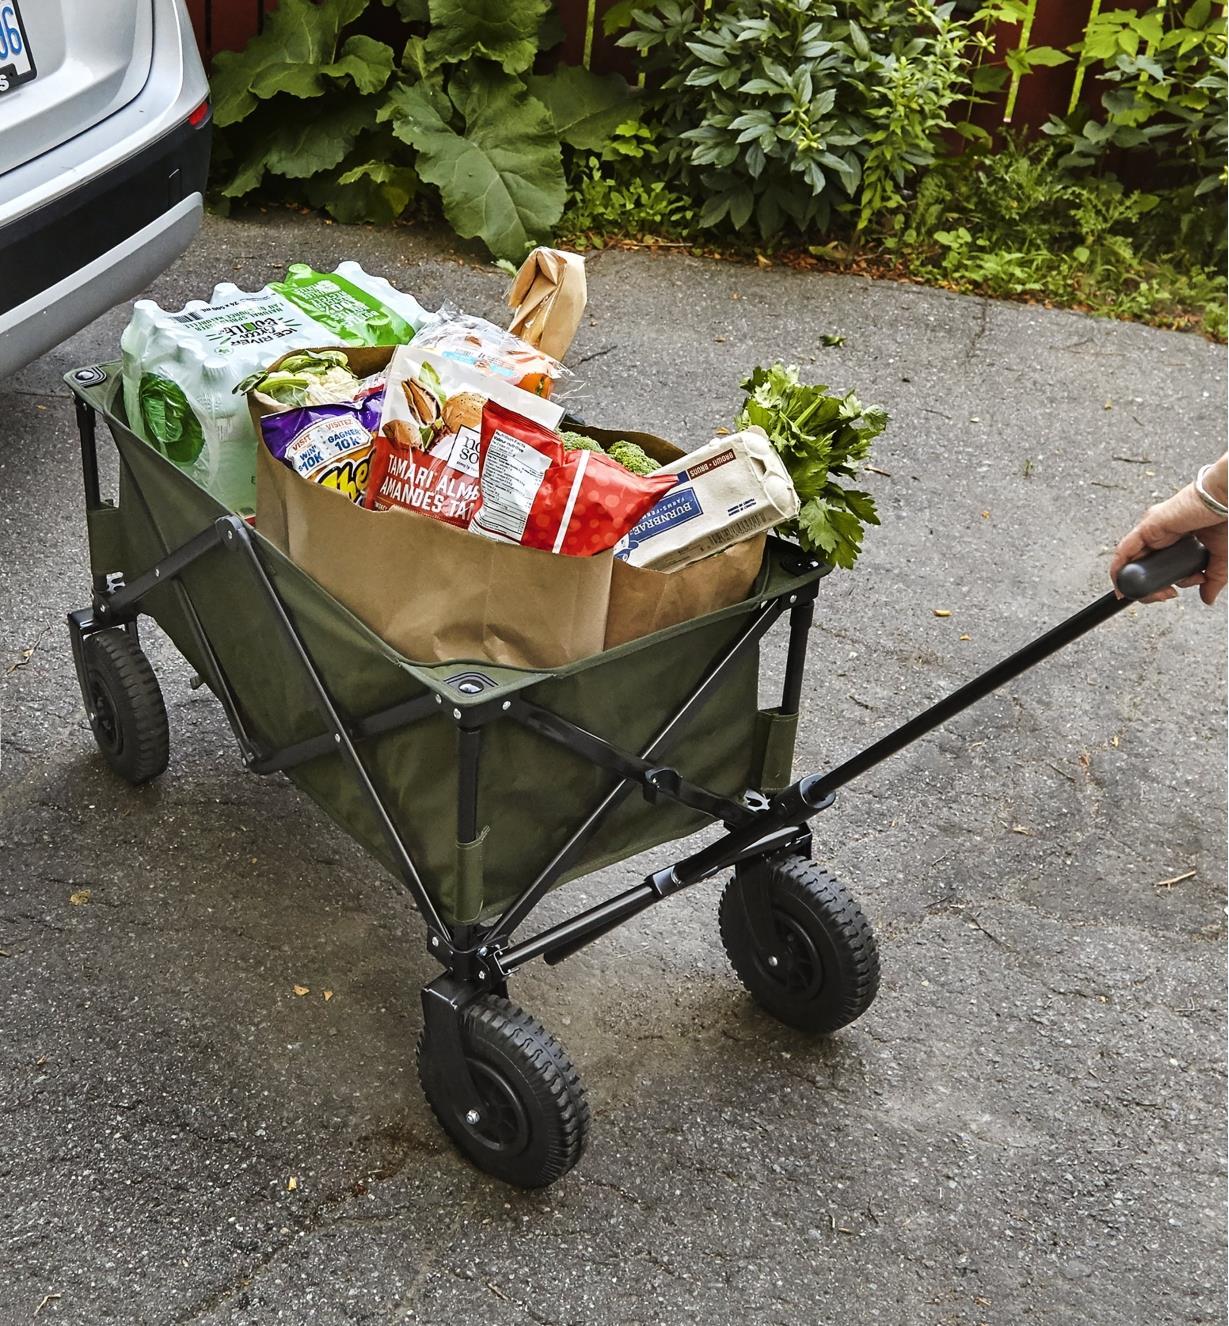 Personne tirant un chariot pliant rempli de sacs d'épicerie